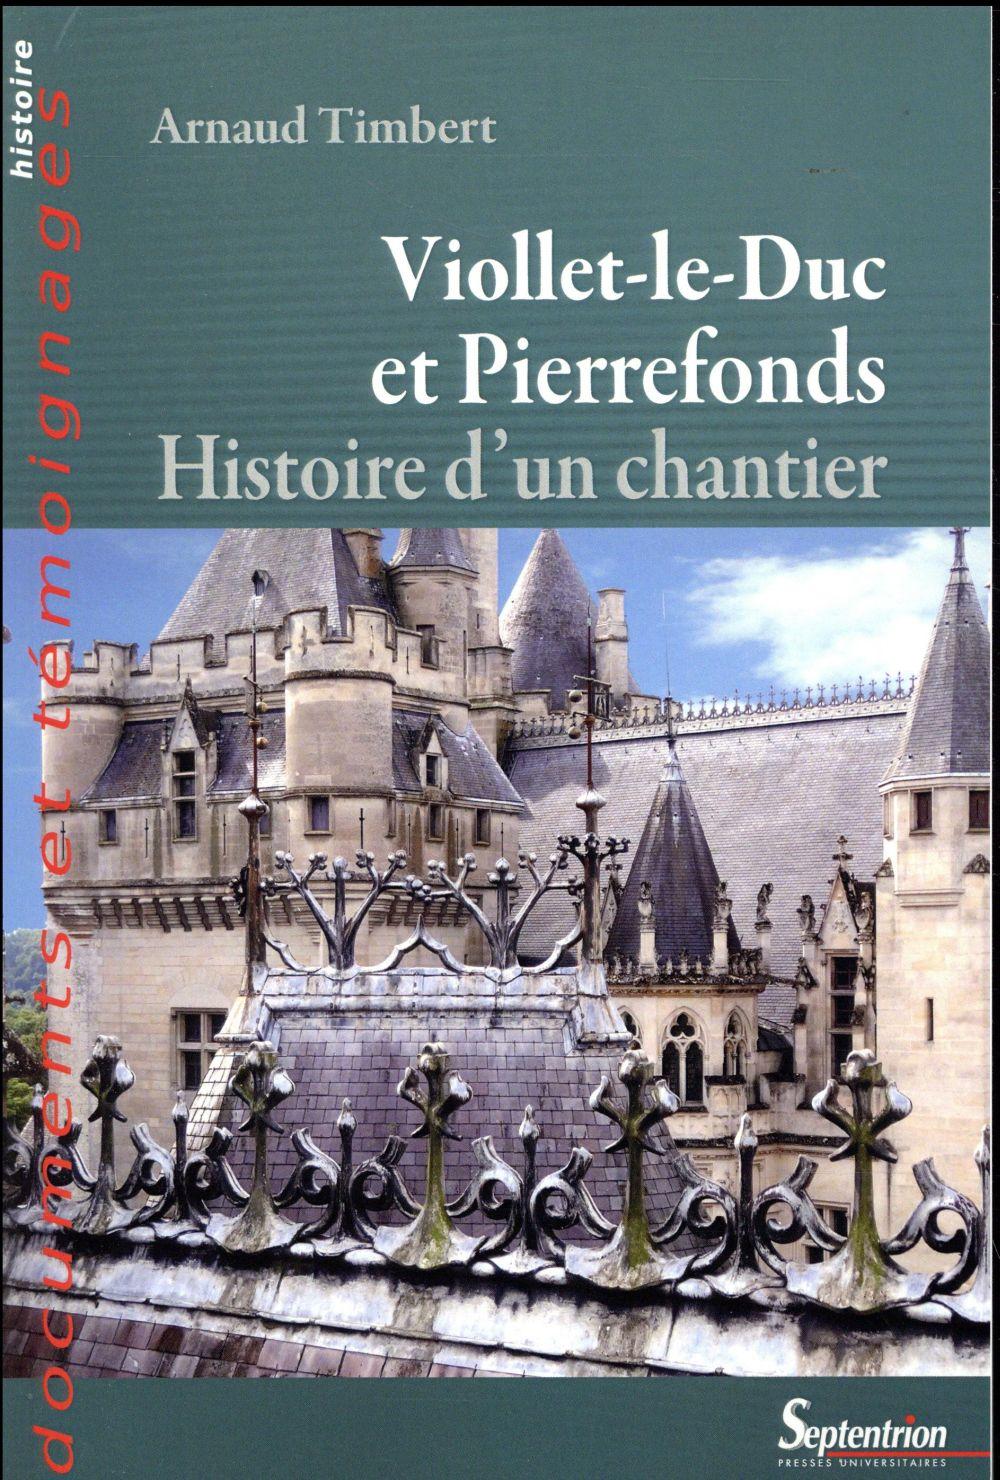 VIOLLET-LE-DUC A PIERREFONDS - HISTOIRE D'UN CHANTIER